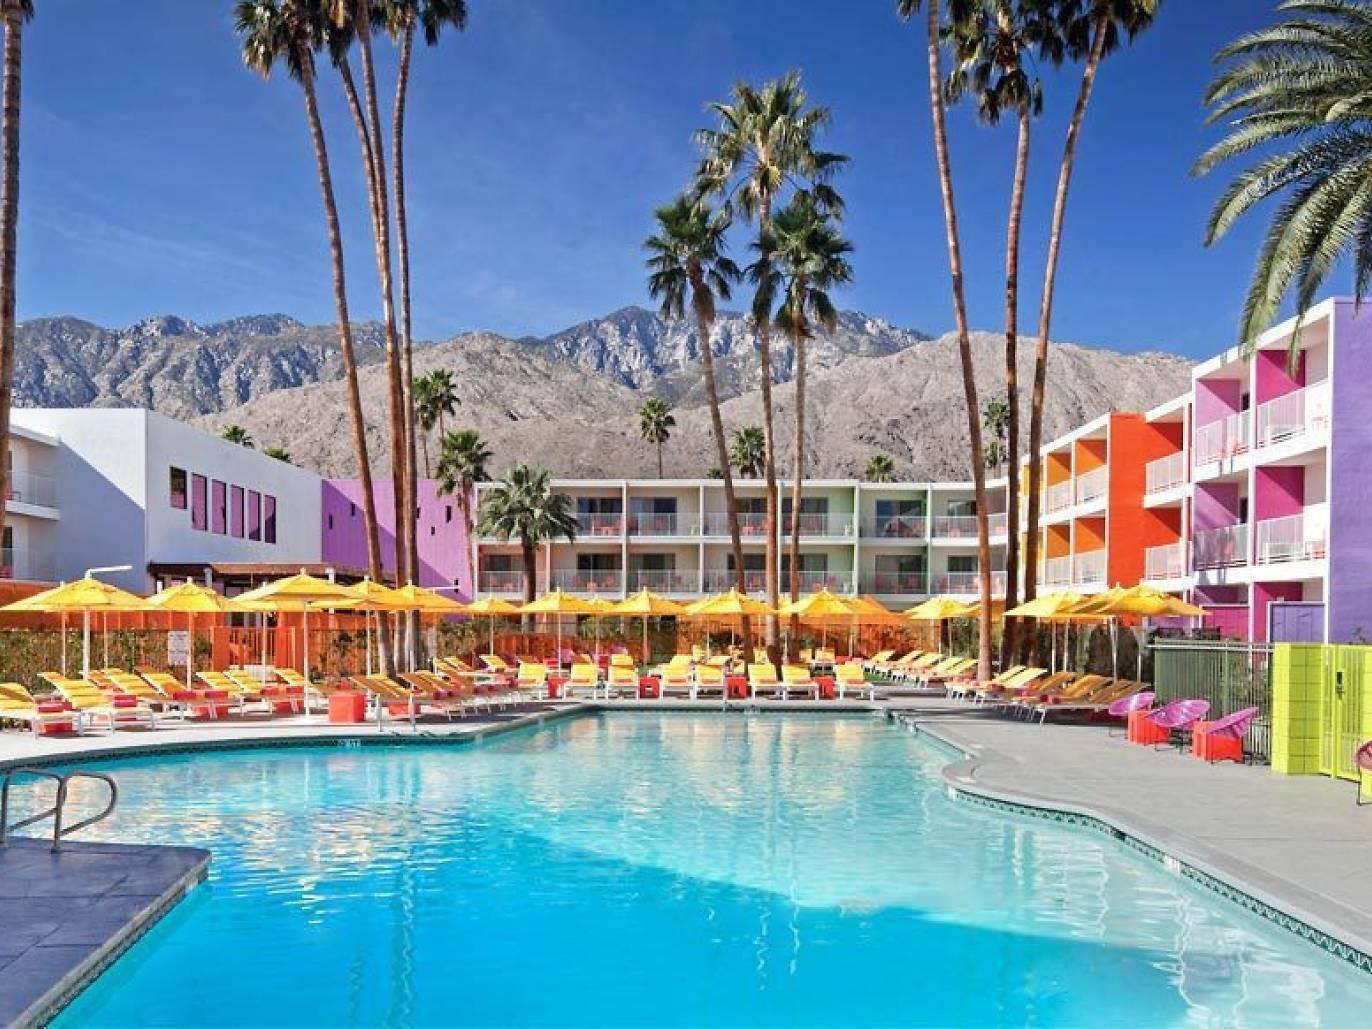 Saguaro-Palm-Springs